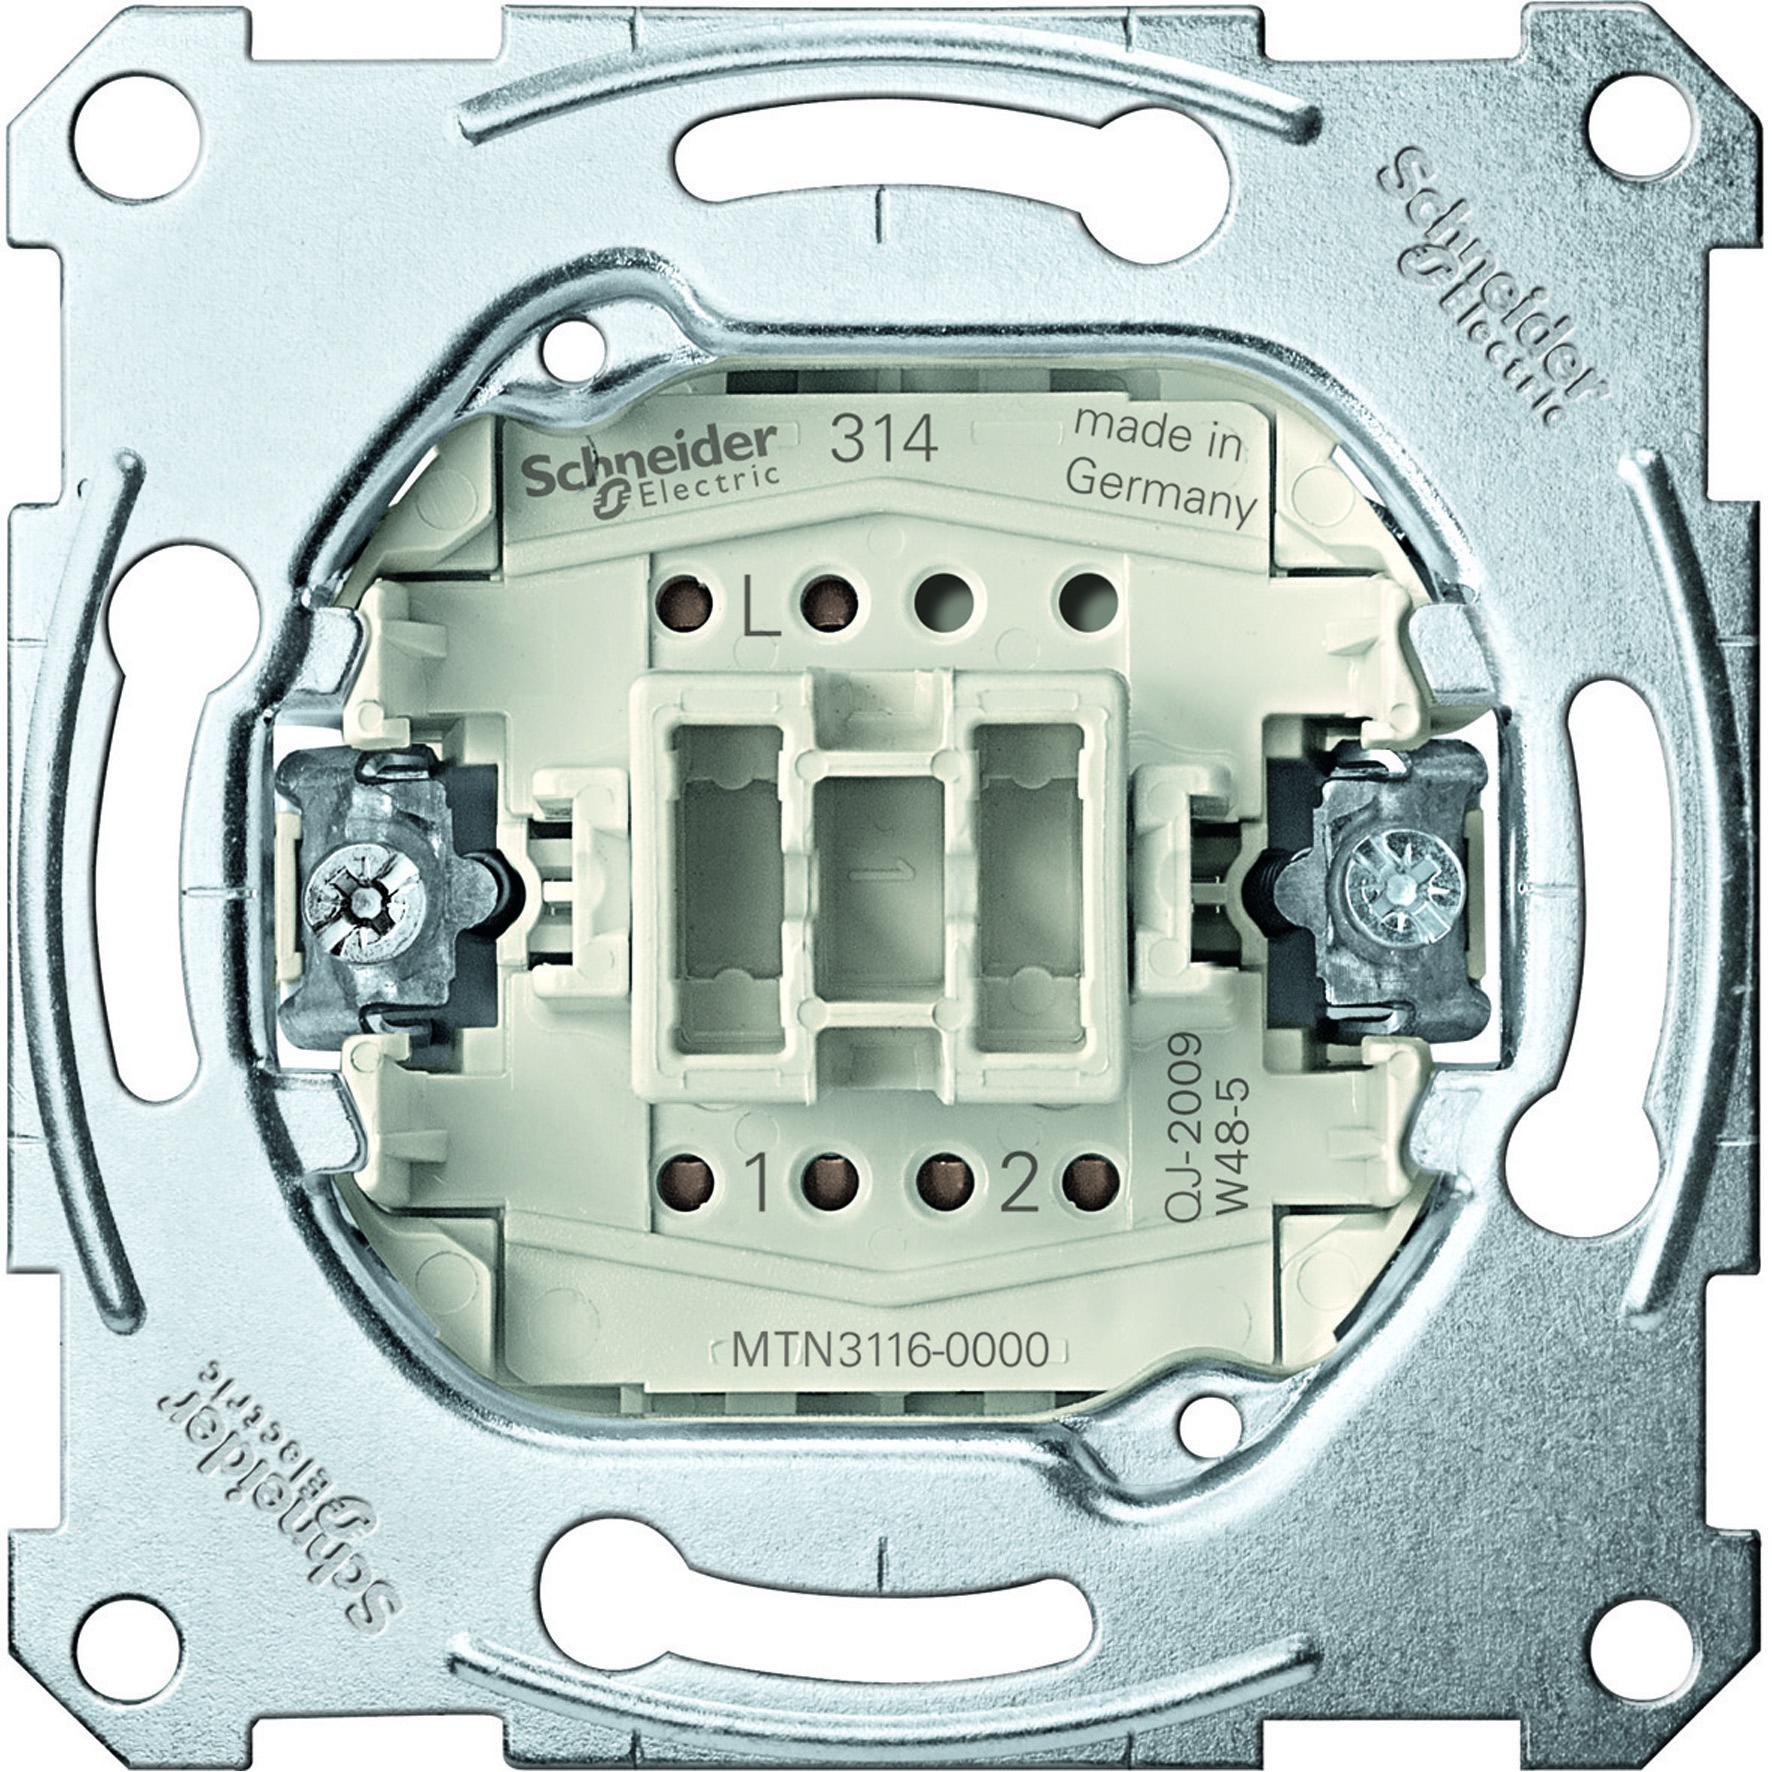 Schneider-Merten wisselschakelaarsokkel, 1-polig 10AX, AC 250 V met insteekklemmen (MTN3116-0000)